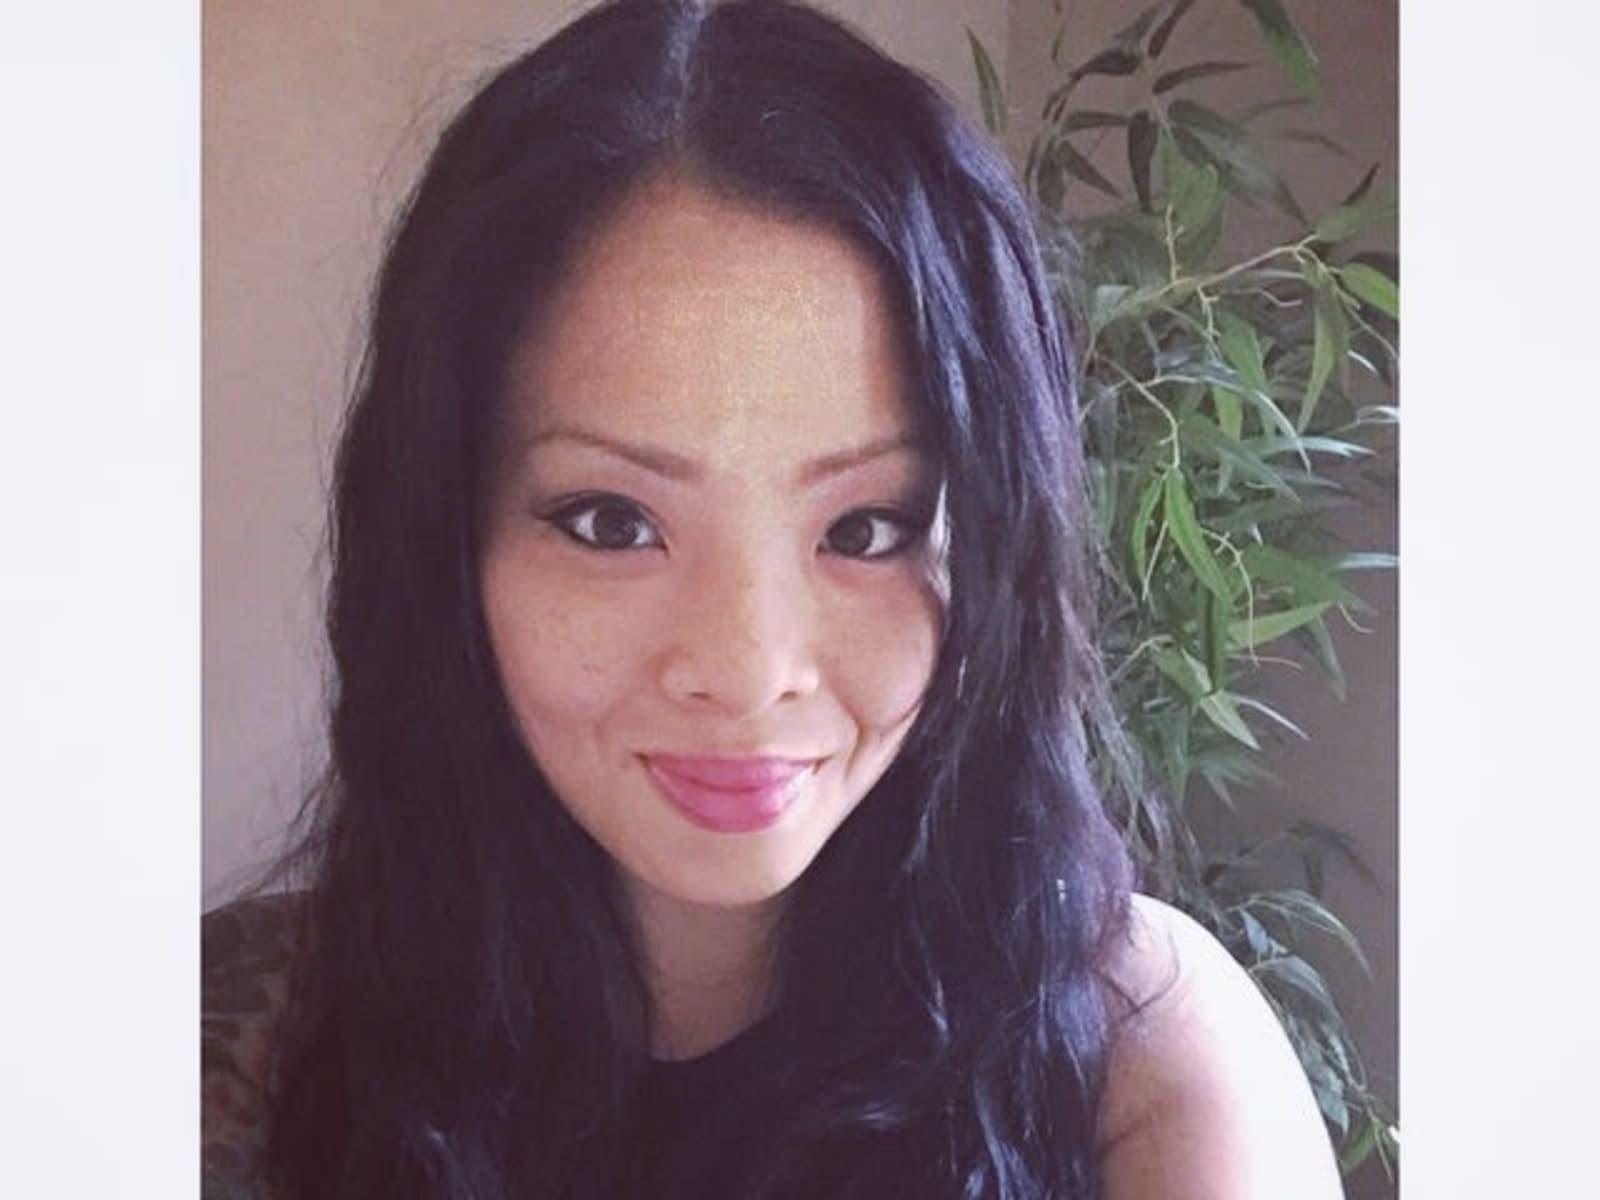 Jennifer from Houston, Texas, United States